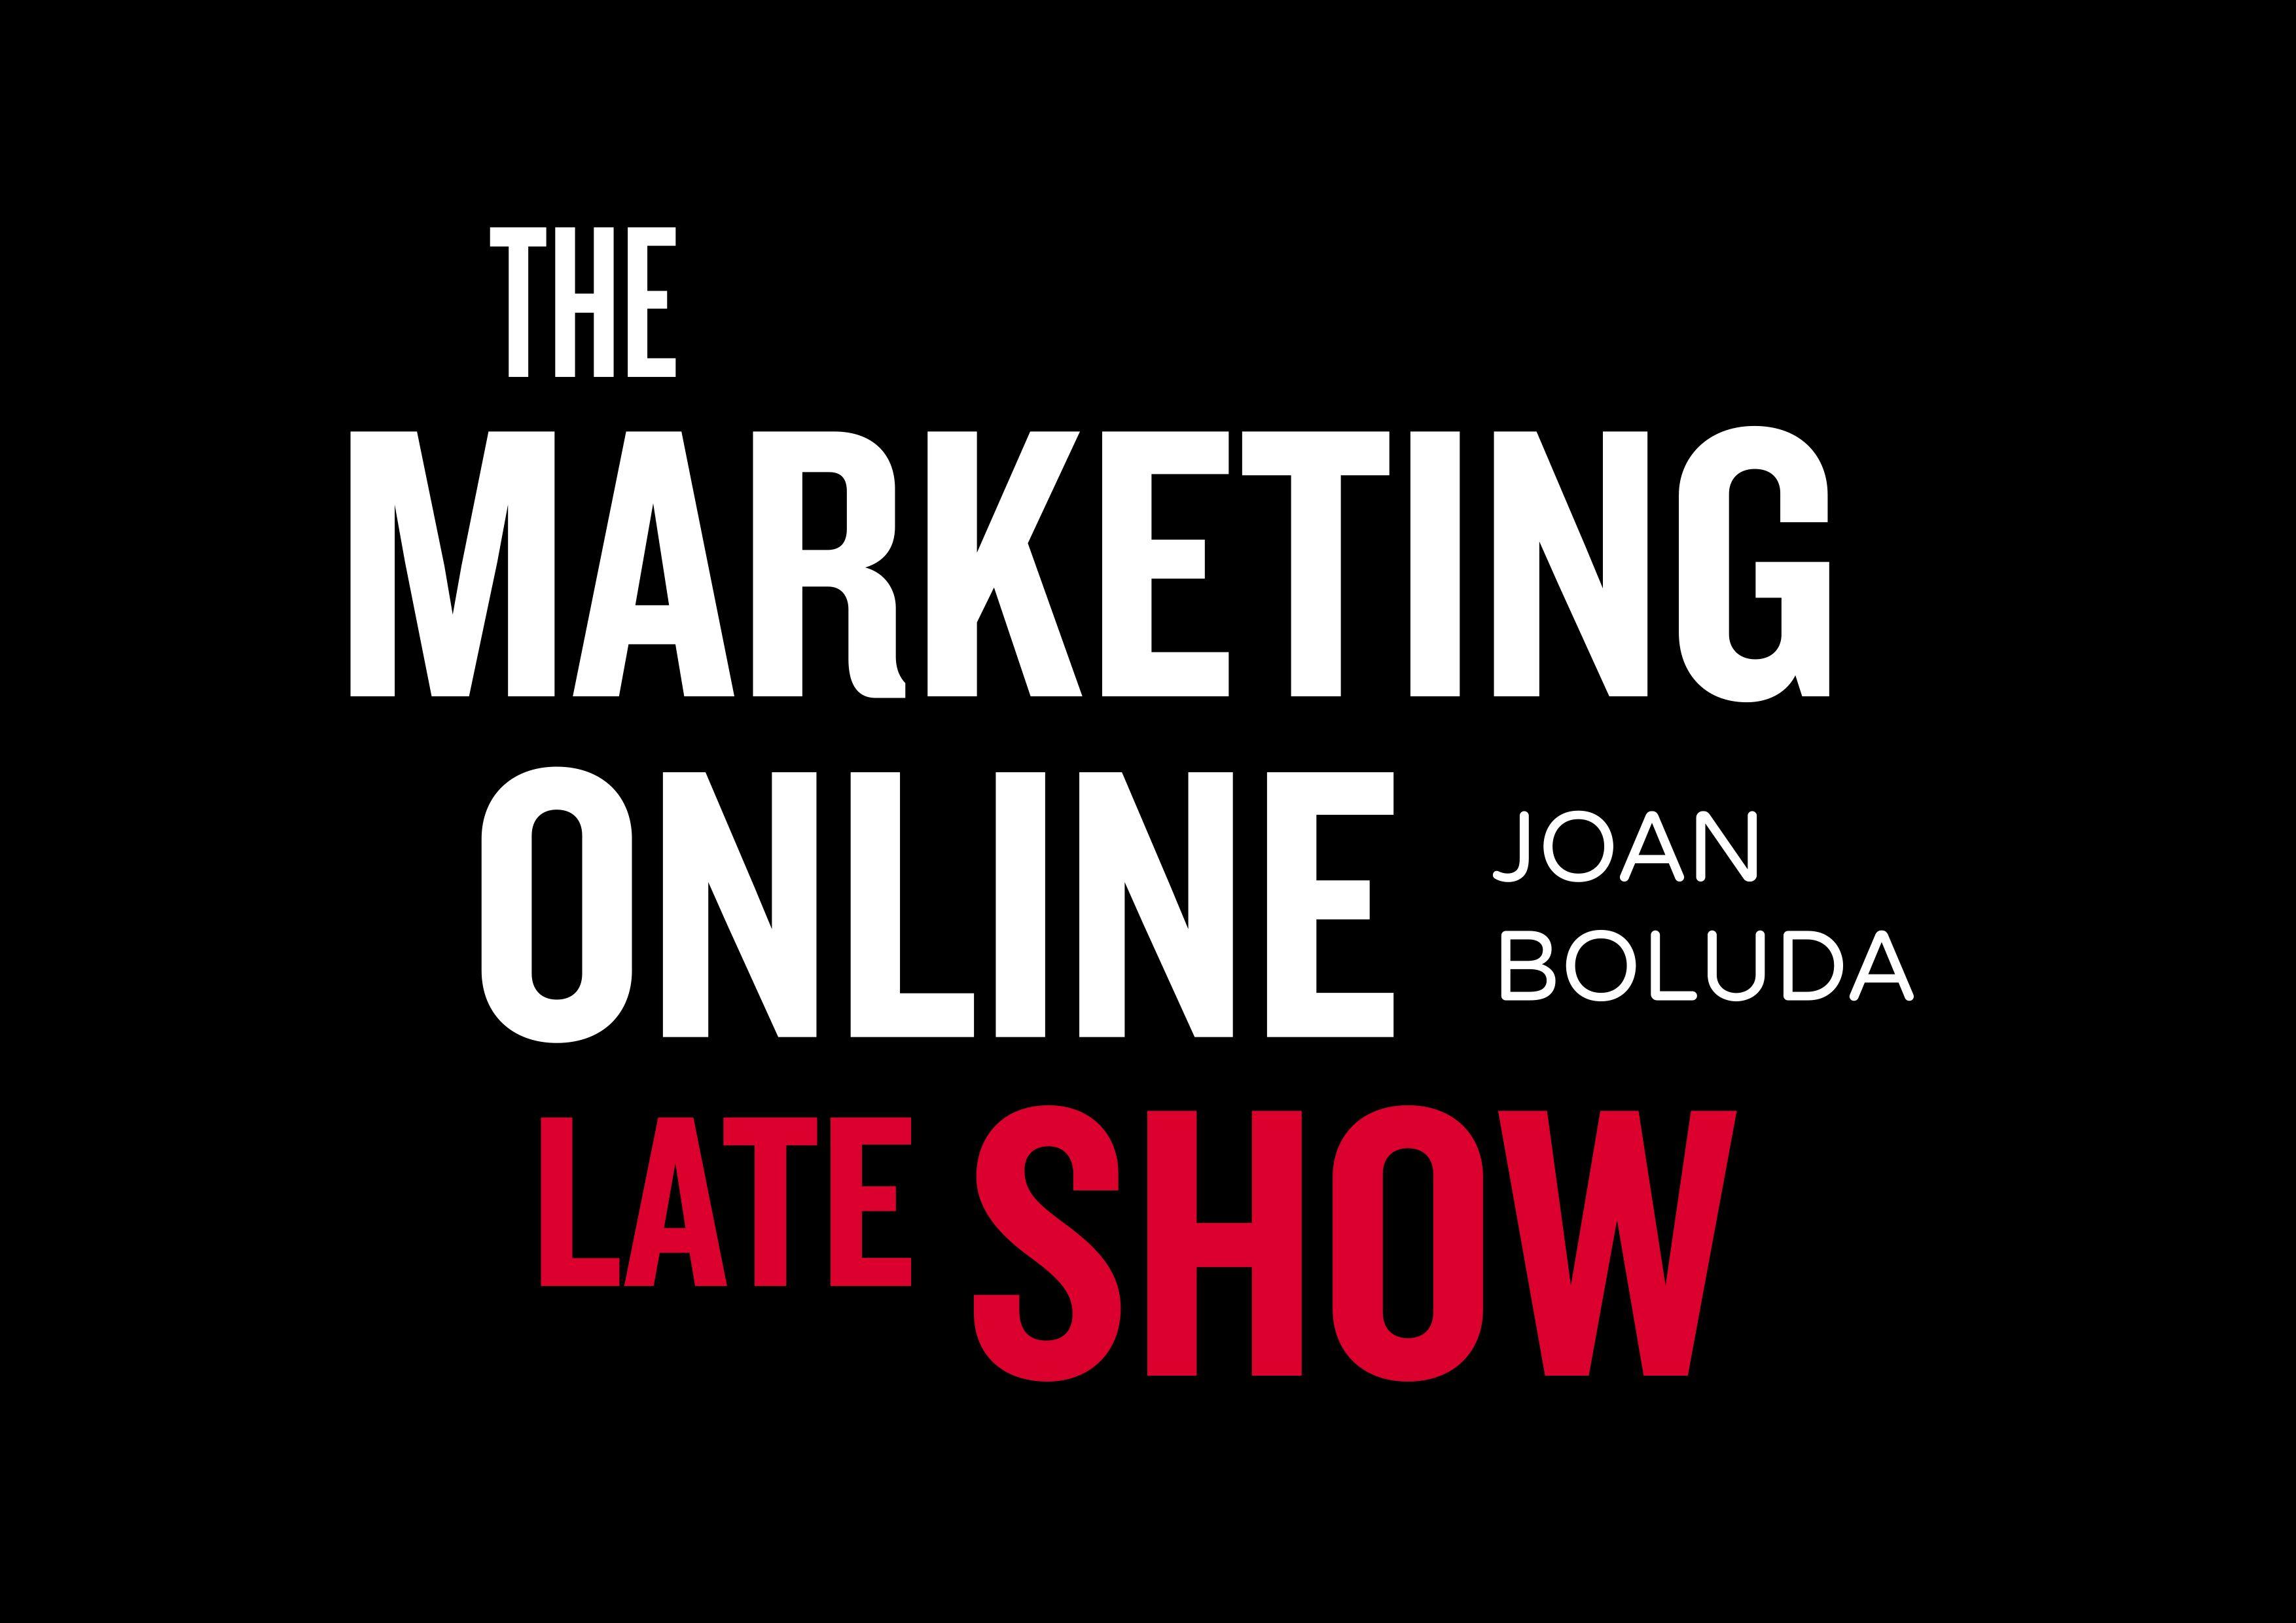 El Late show irrumpe en YouTube para contar historias reales de emprendimiento online con Joan Boluda